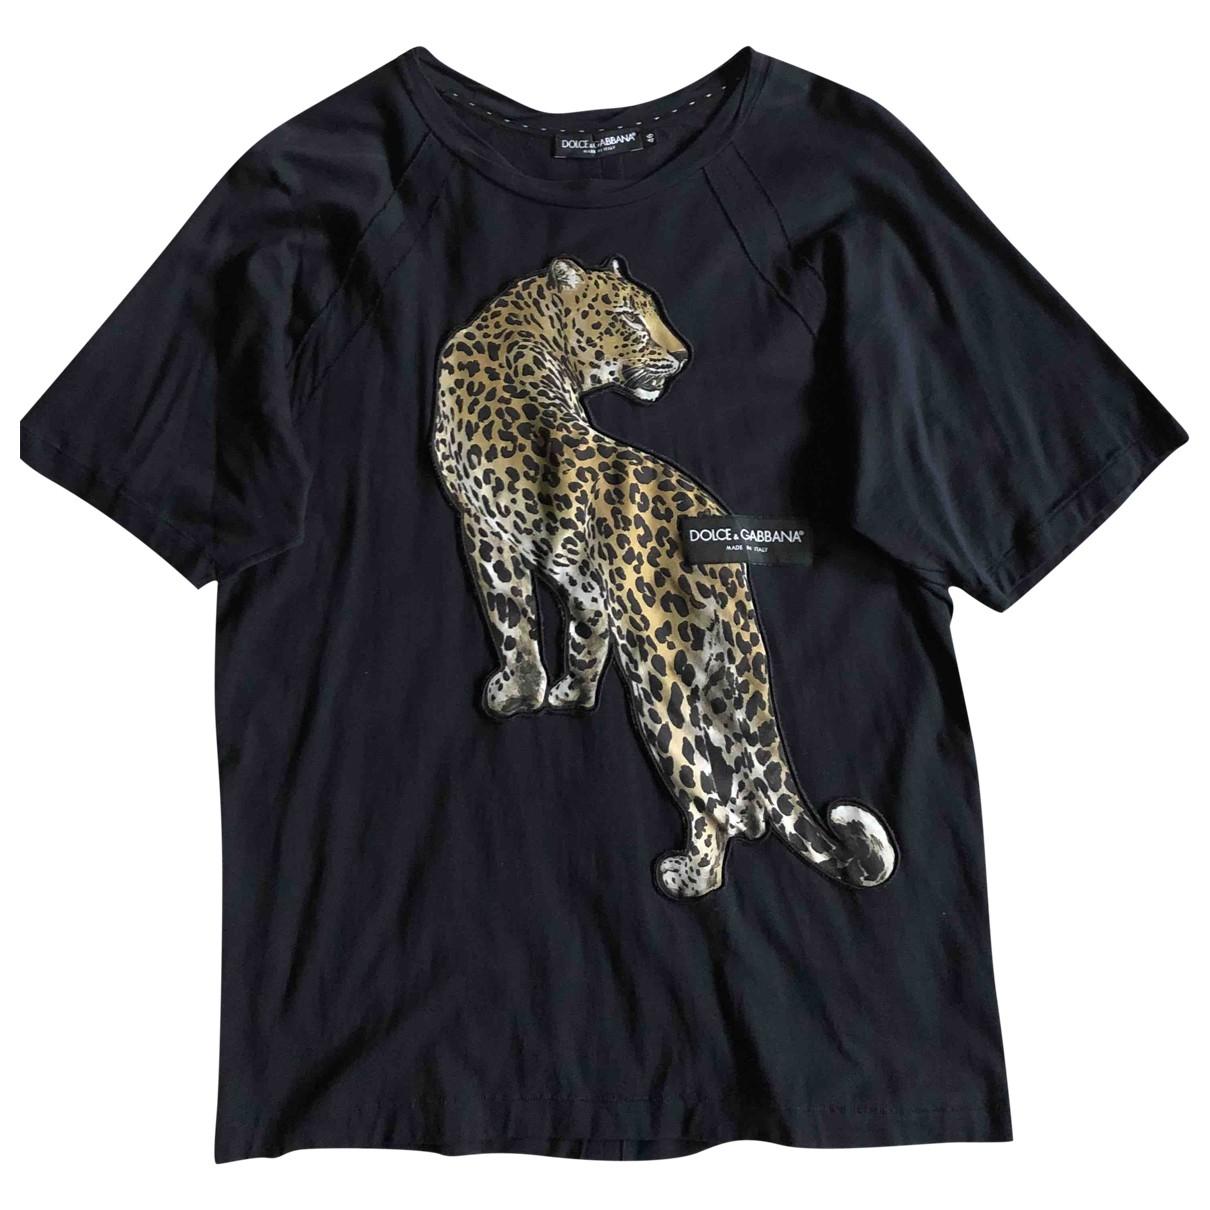 Dolce & Gabbana - Tee shirts   pour homme en coton - marine